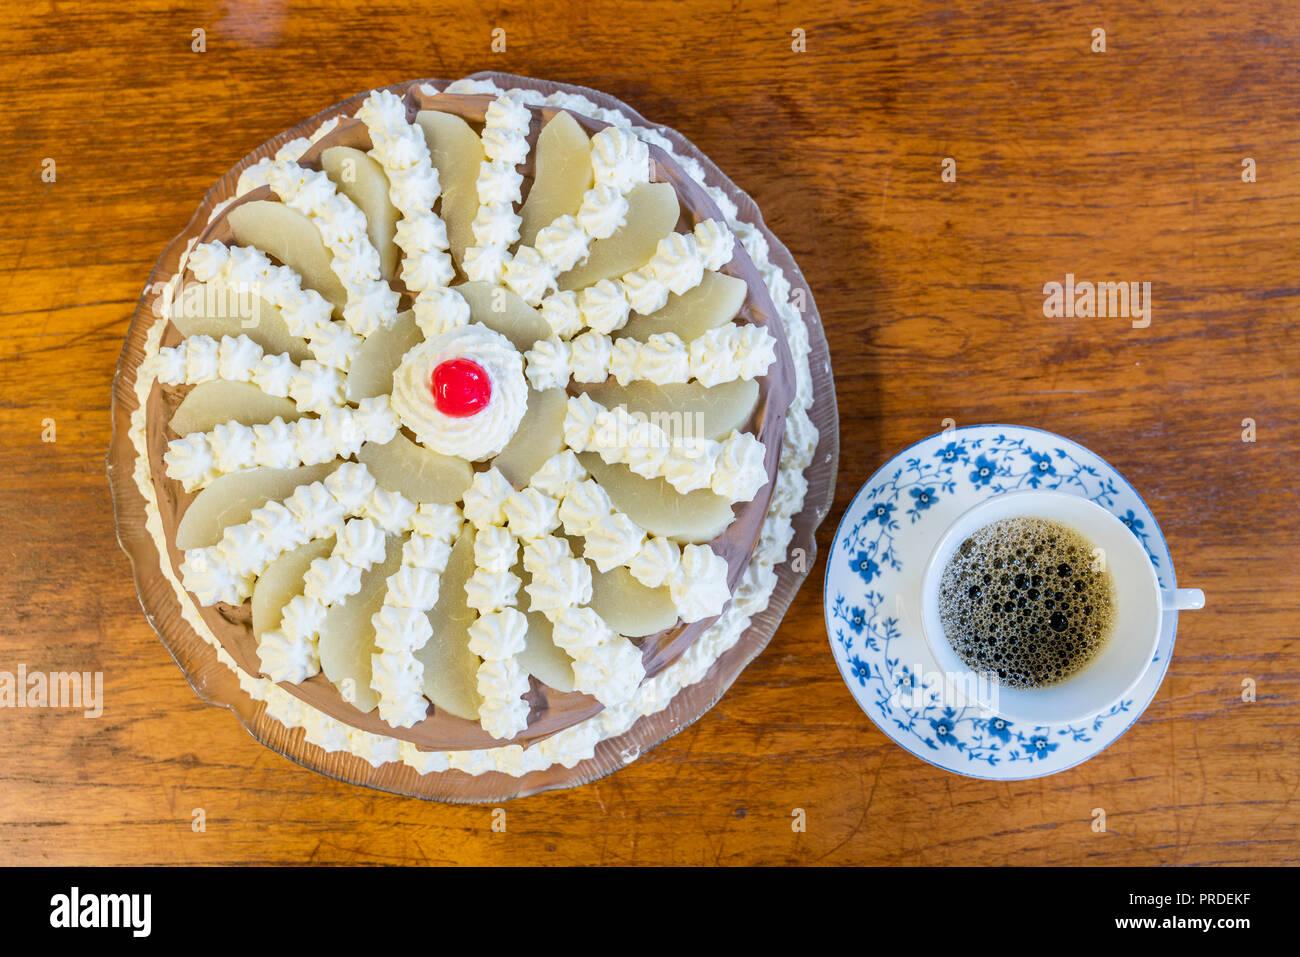 Vue de dessus du gâteau et du café Photo Stock